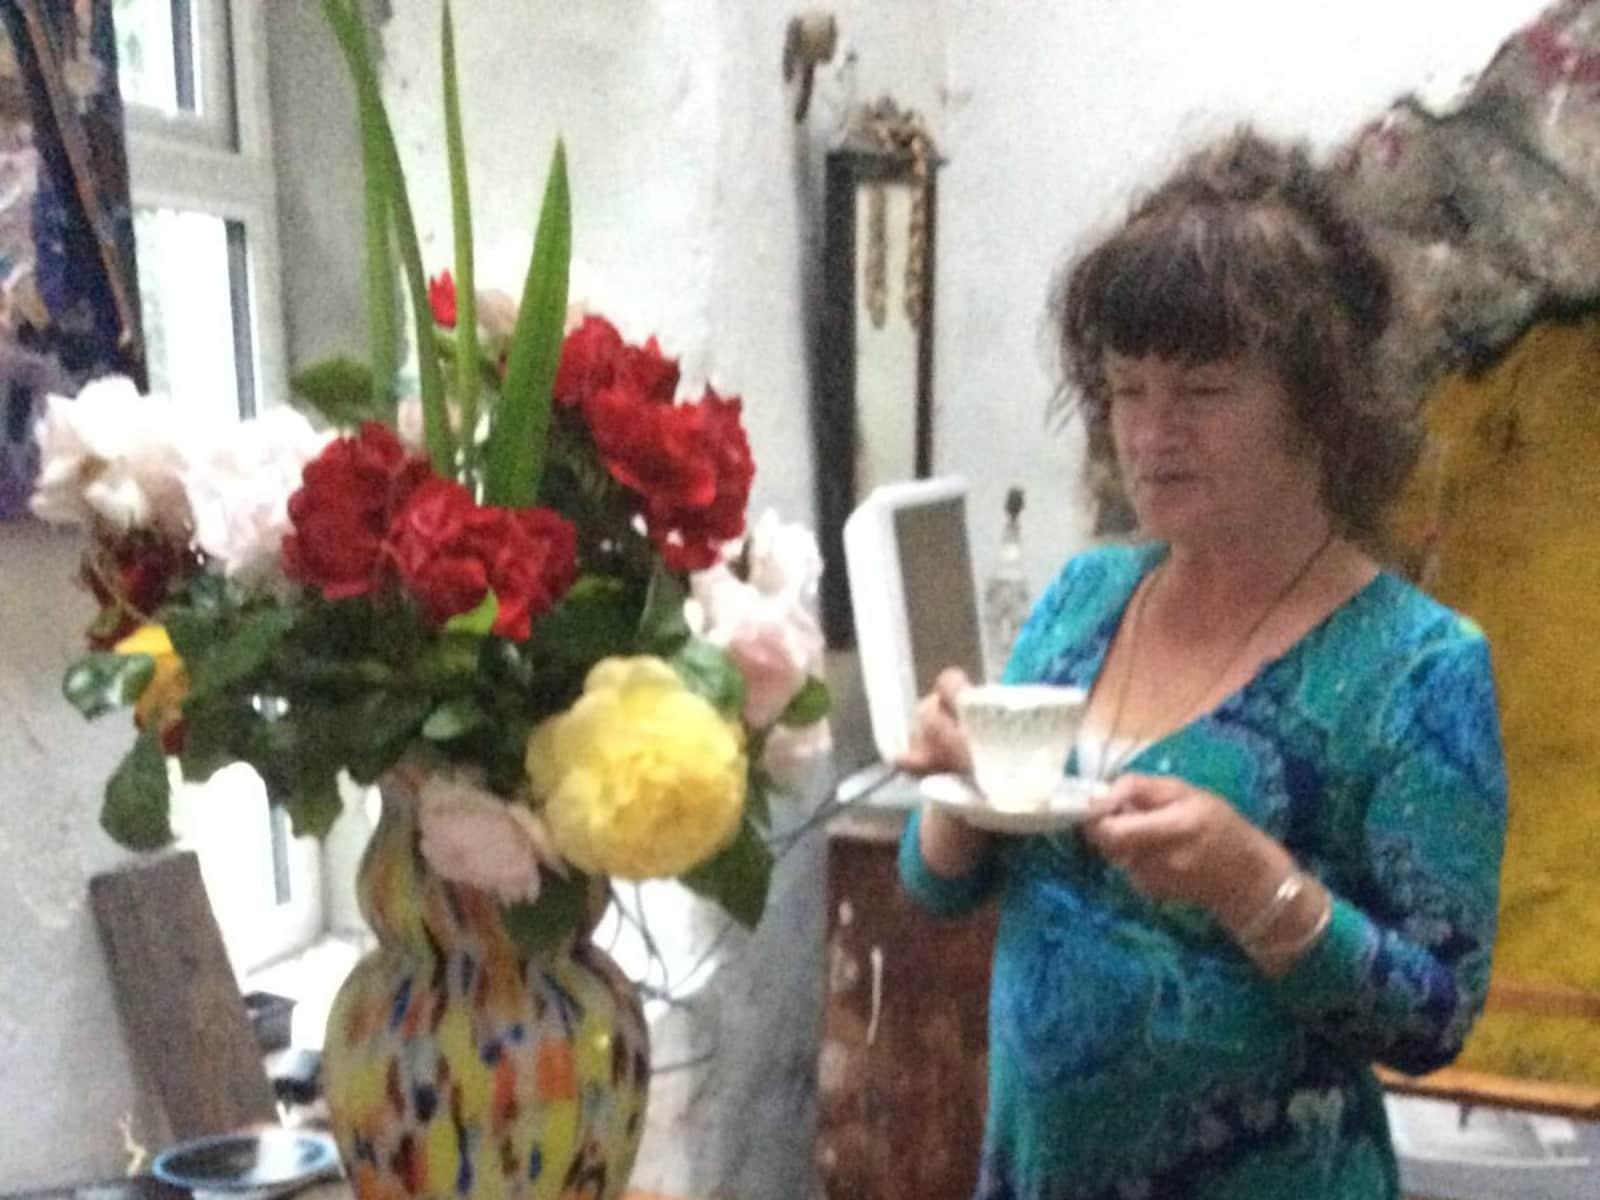 Theresa from Lehinch, Ireland